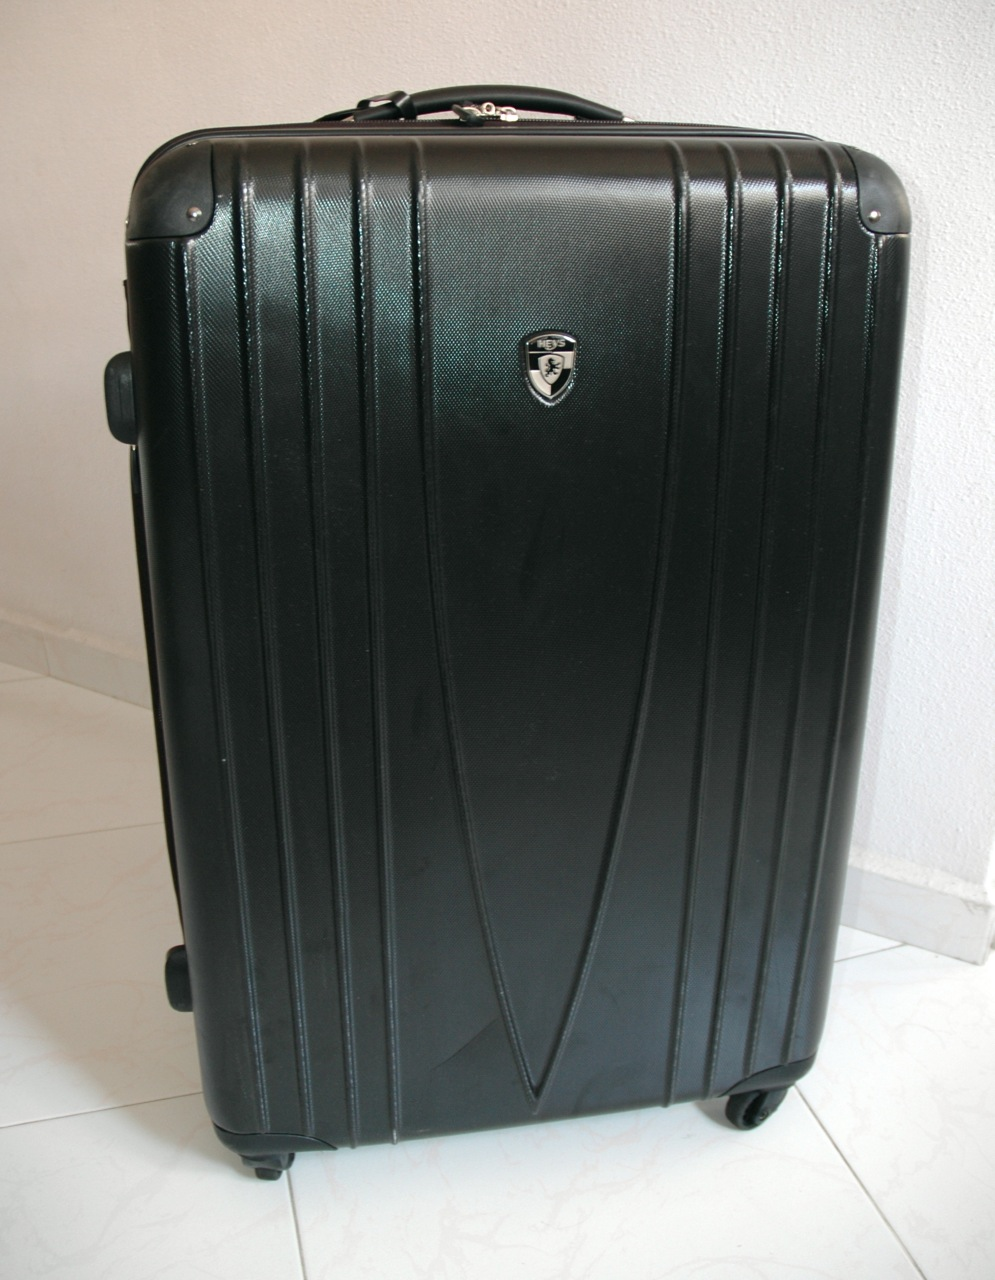 Bagaglio a mano ryanair sardegna remix - Ryanair cosa si puo portare nel bagaglio a mano ...